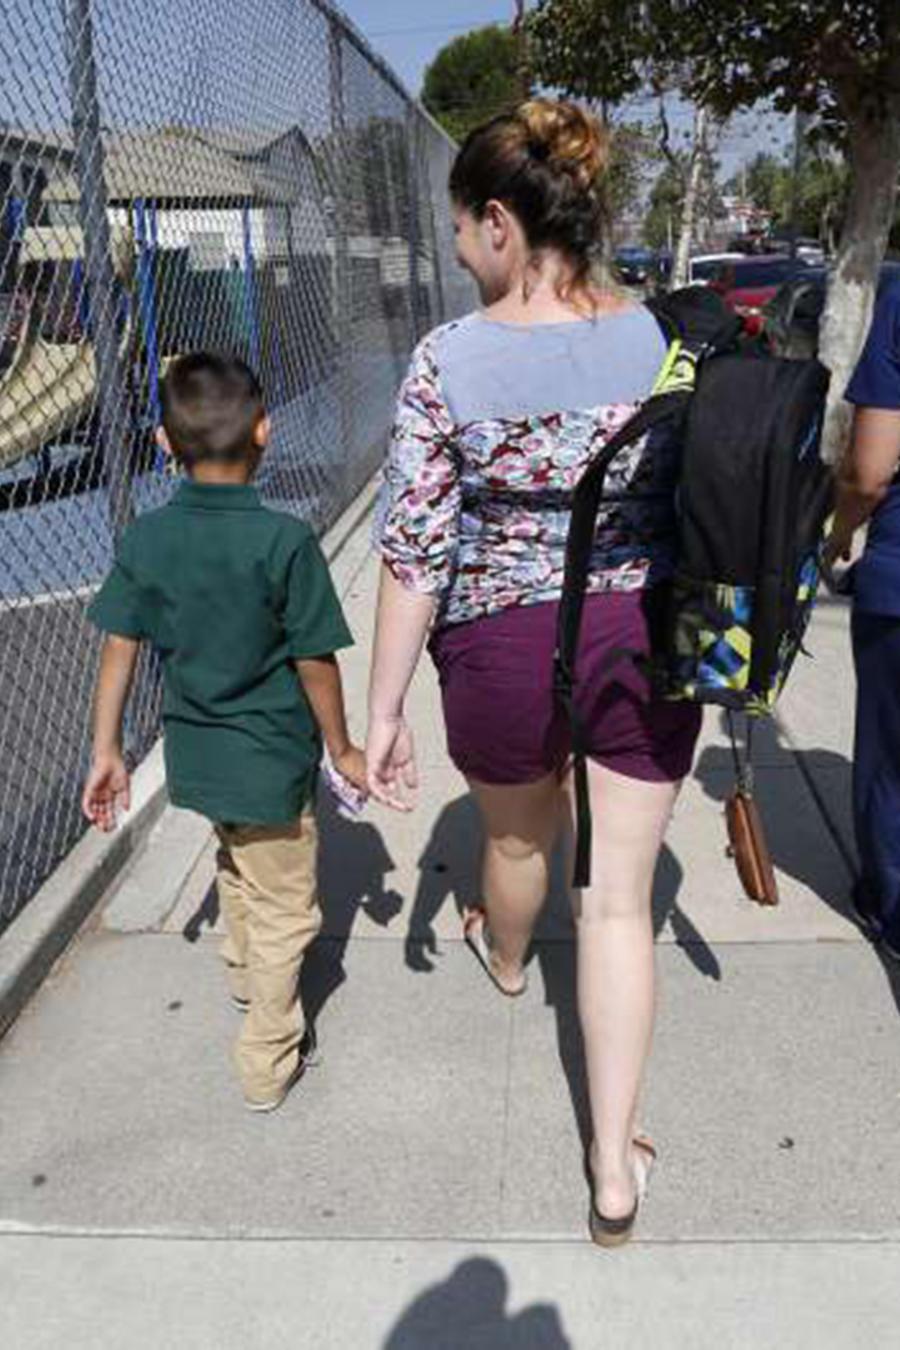 Los distritos escolares no están obligados a recopilar información sobre el estatus de inmigración de los estudiantes.